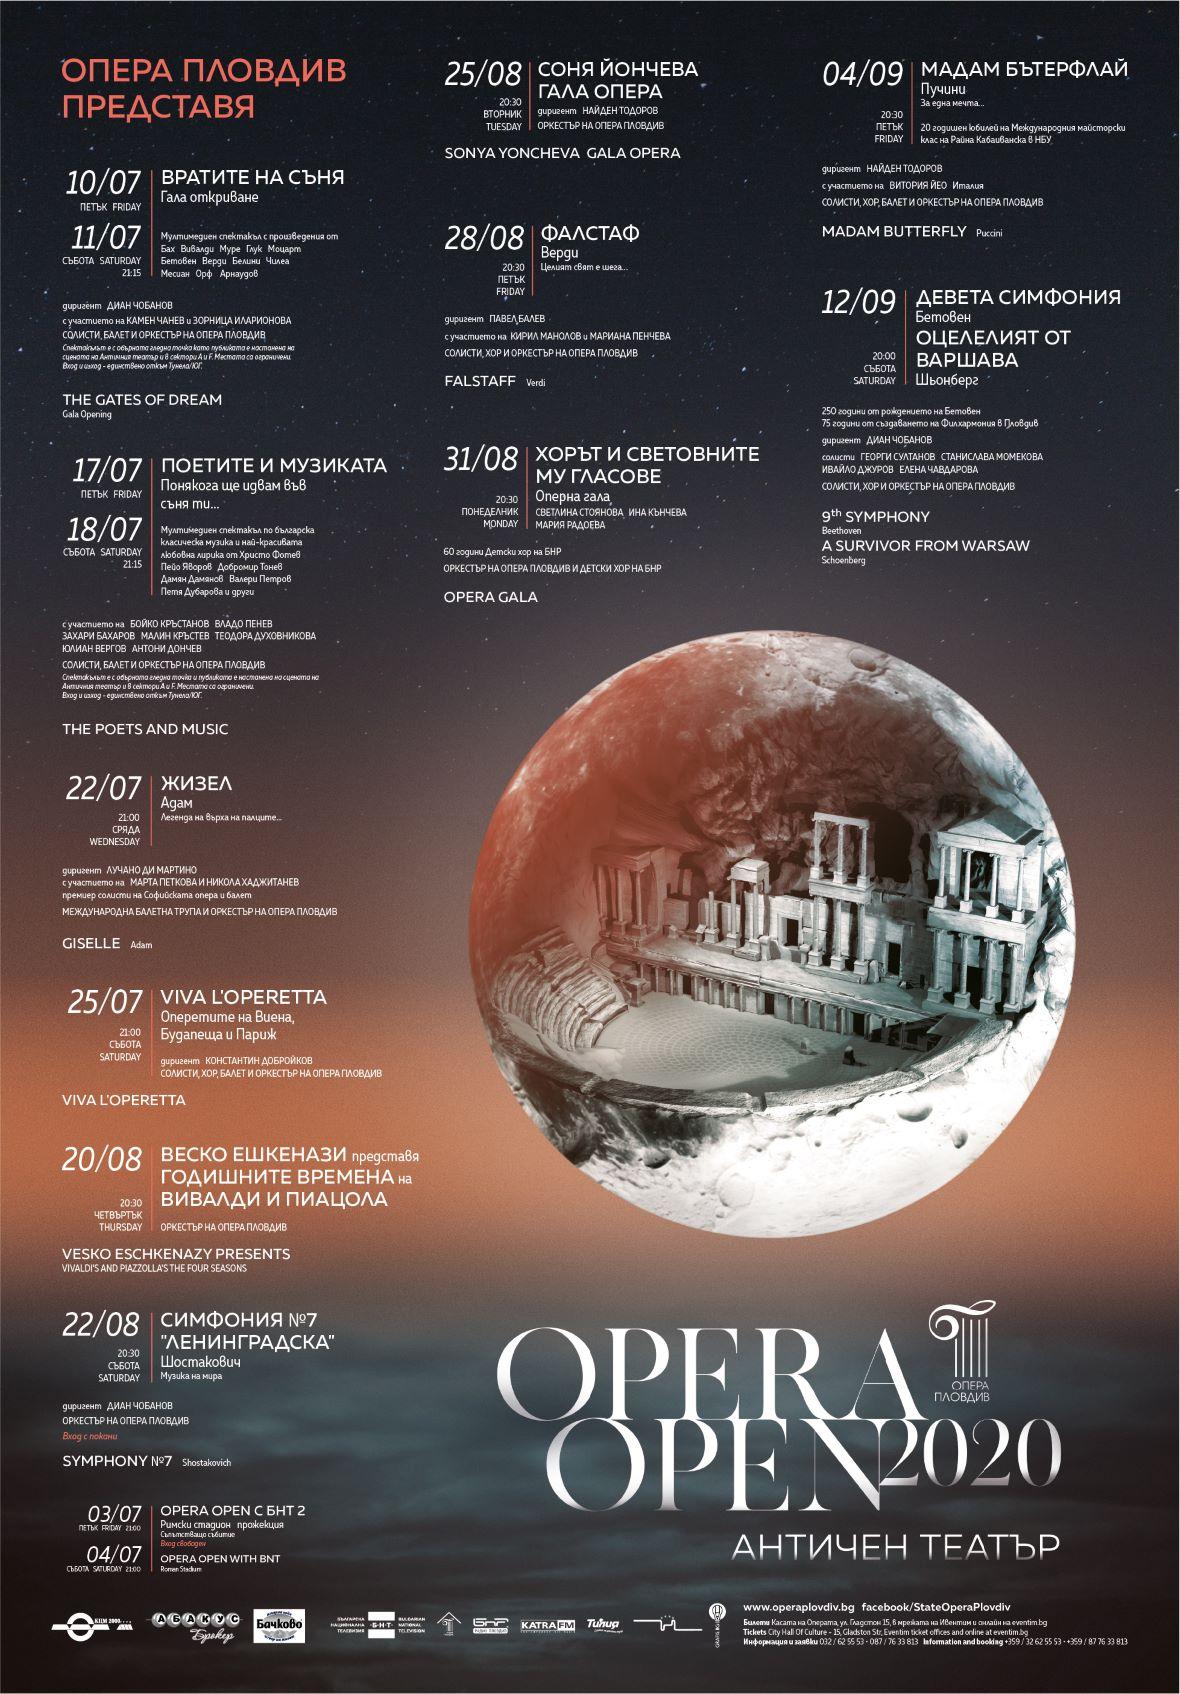 OPERA OPEN 2020 - full program